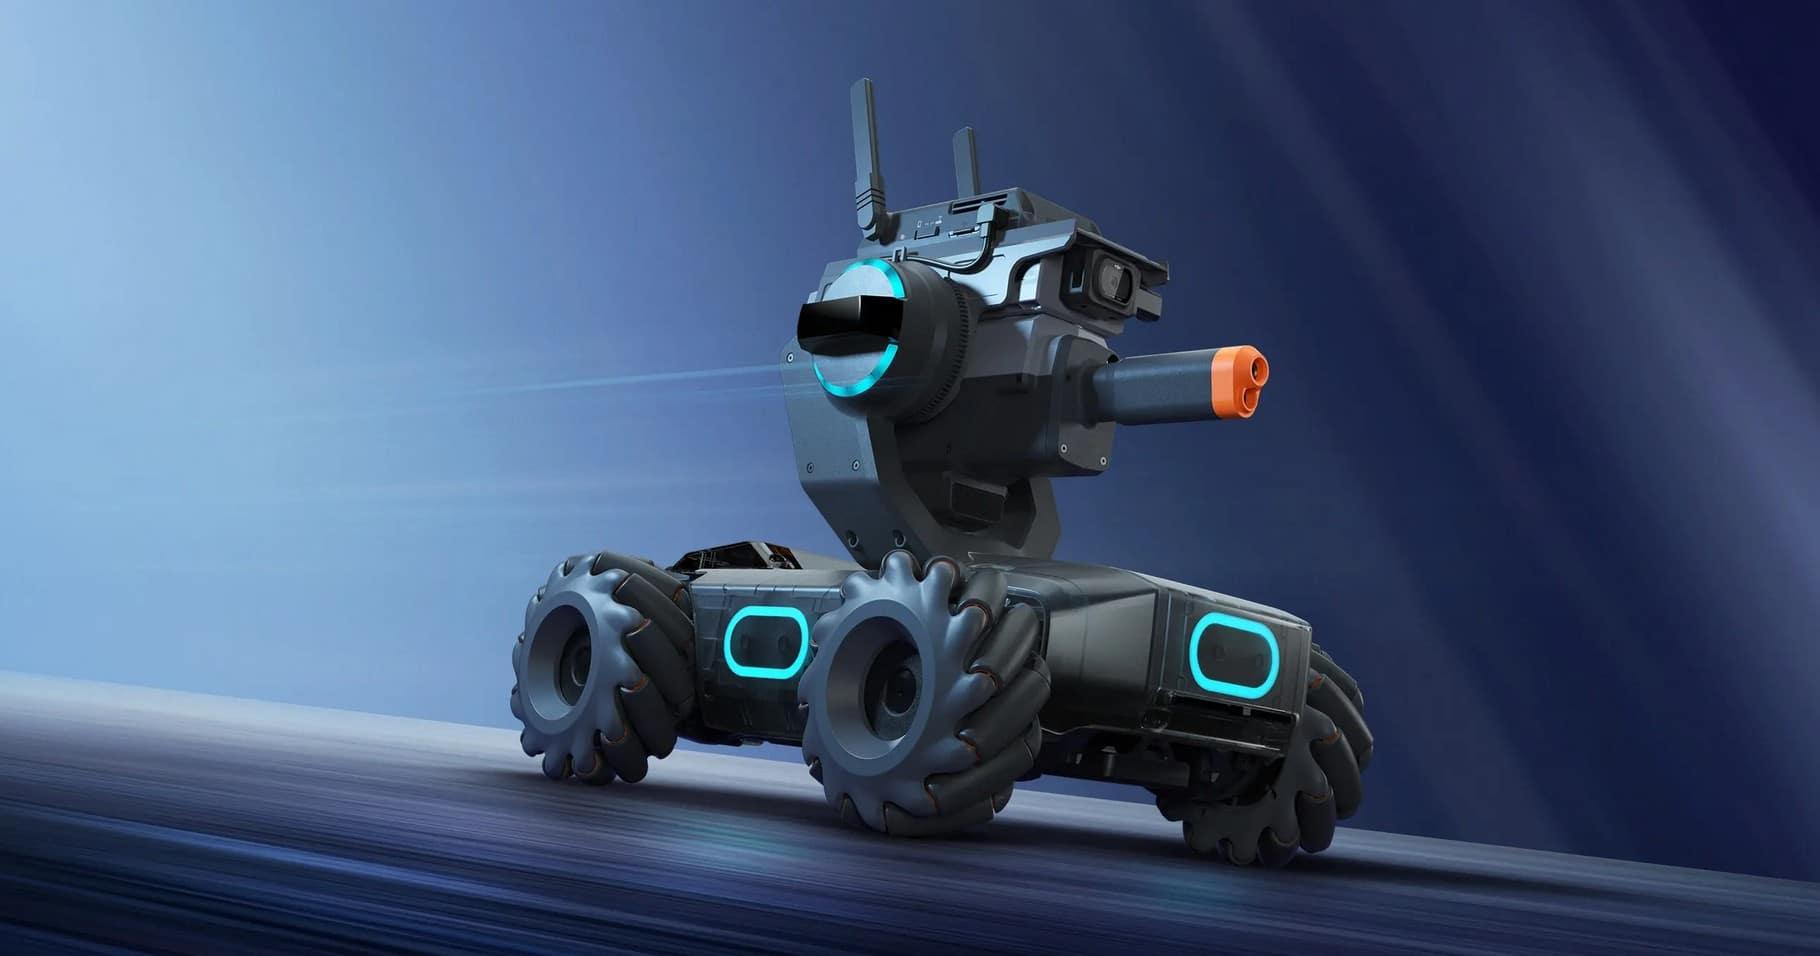 Cool sieht der DJI RoboMaster S1 auch aus. (Foto: DJI)